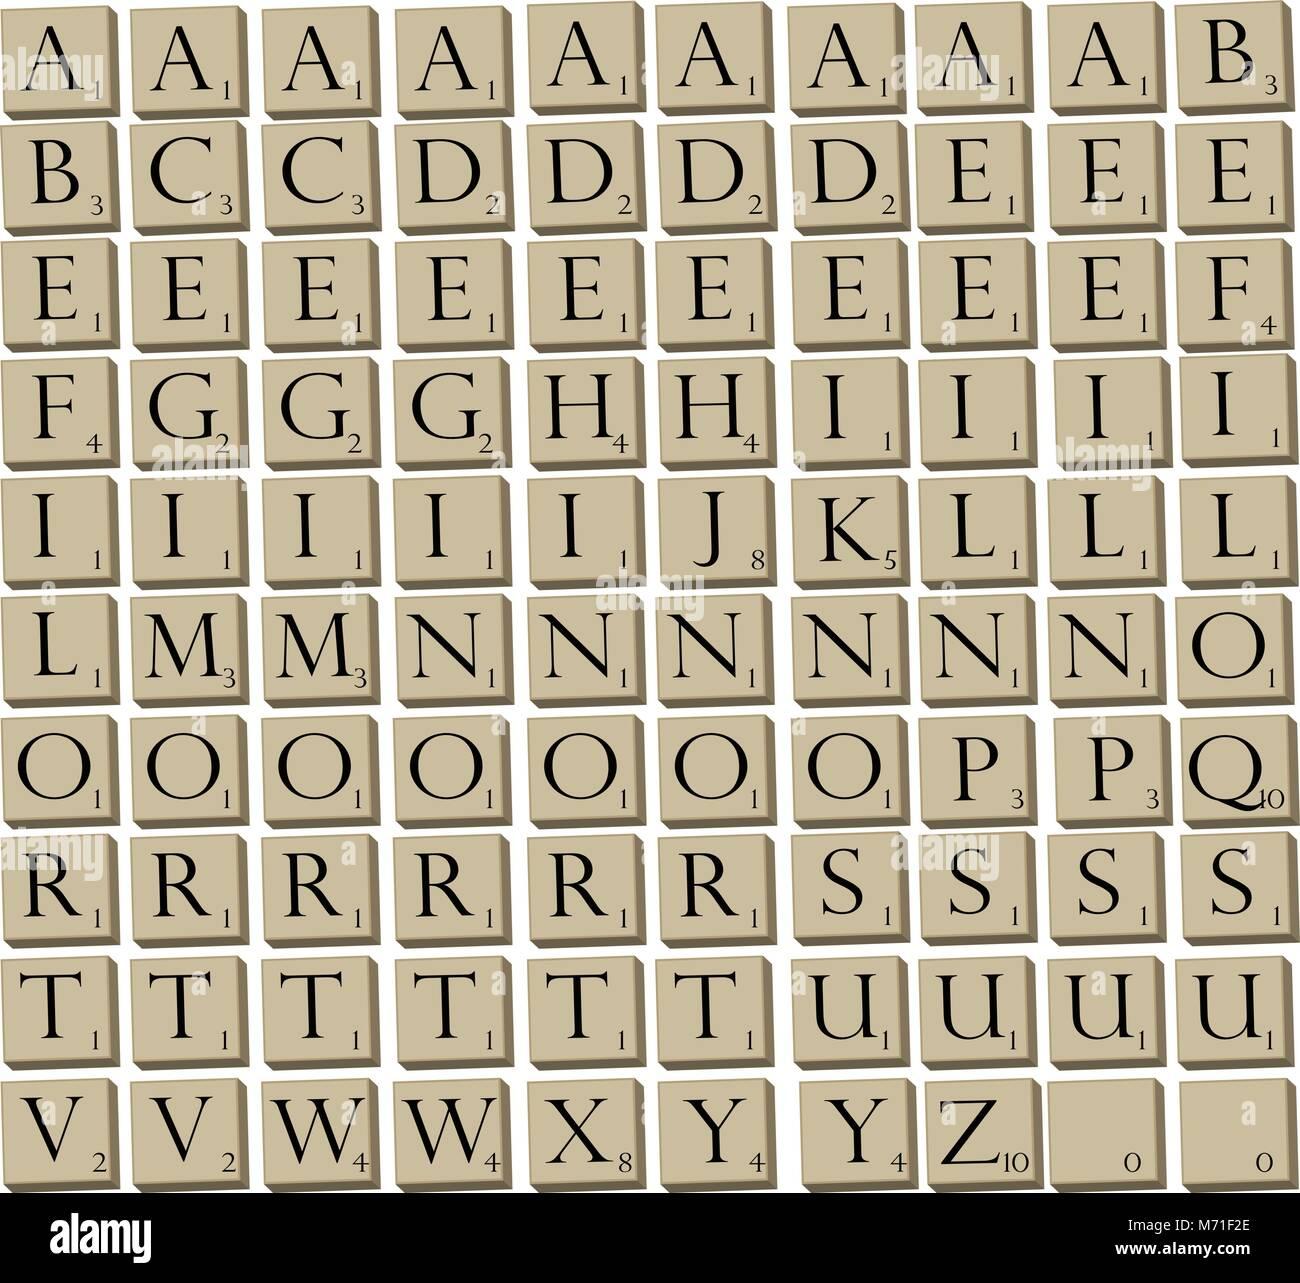 Juego Ilustrado Azulejos Para El Popular Juego De Palabras Scrabble